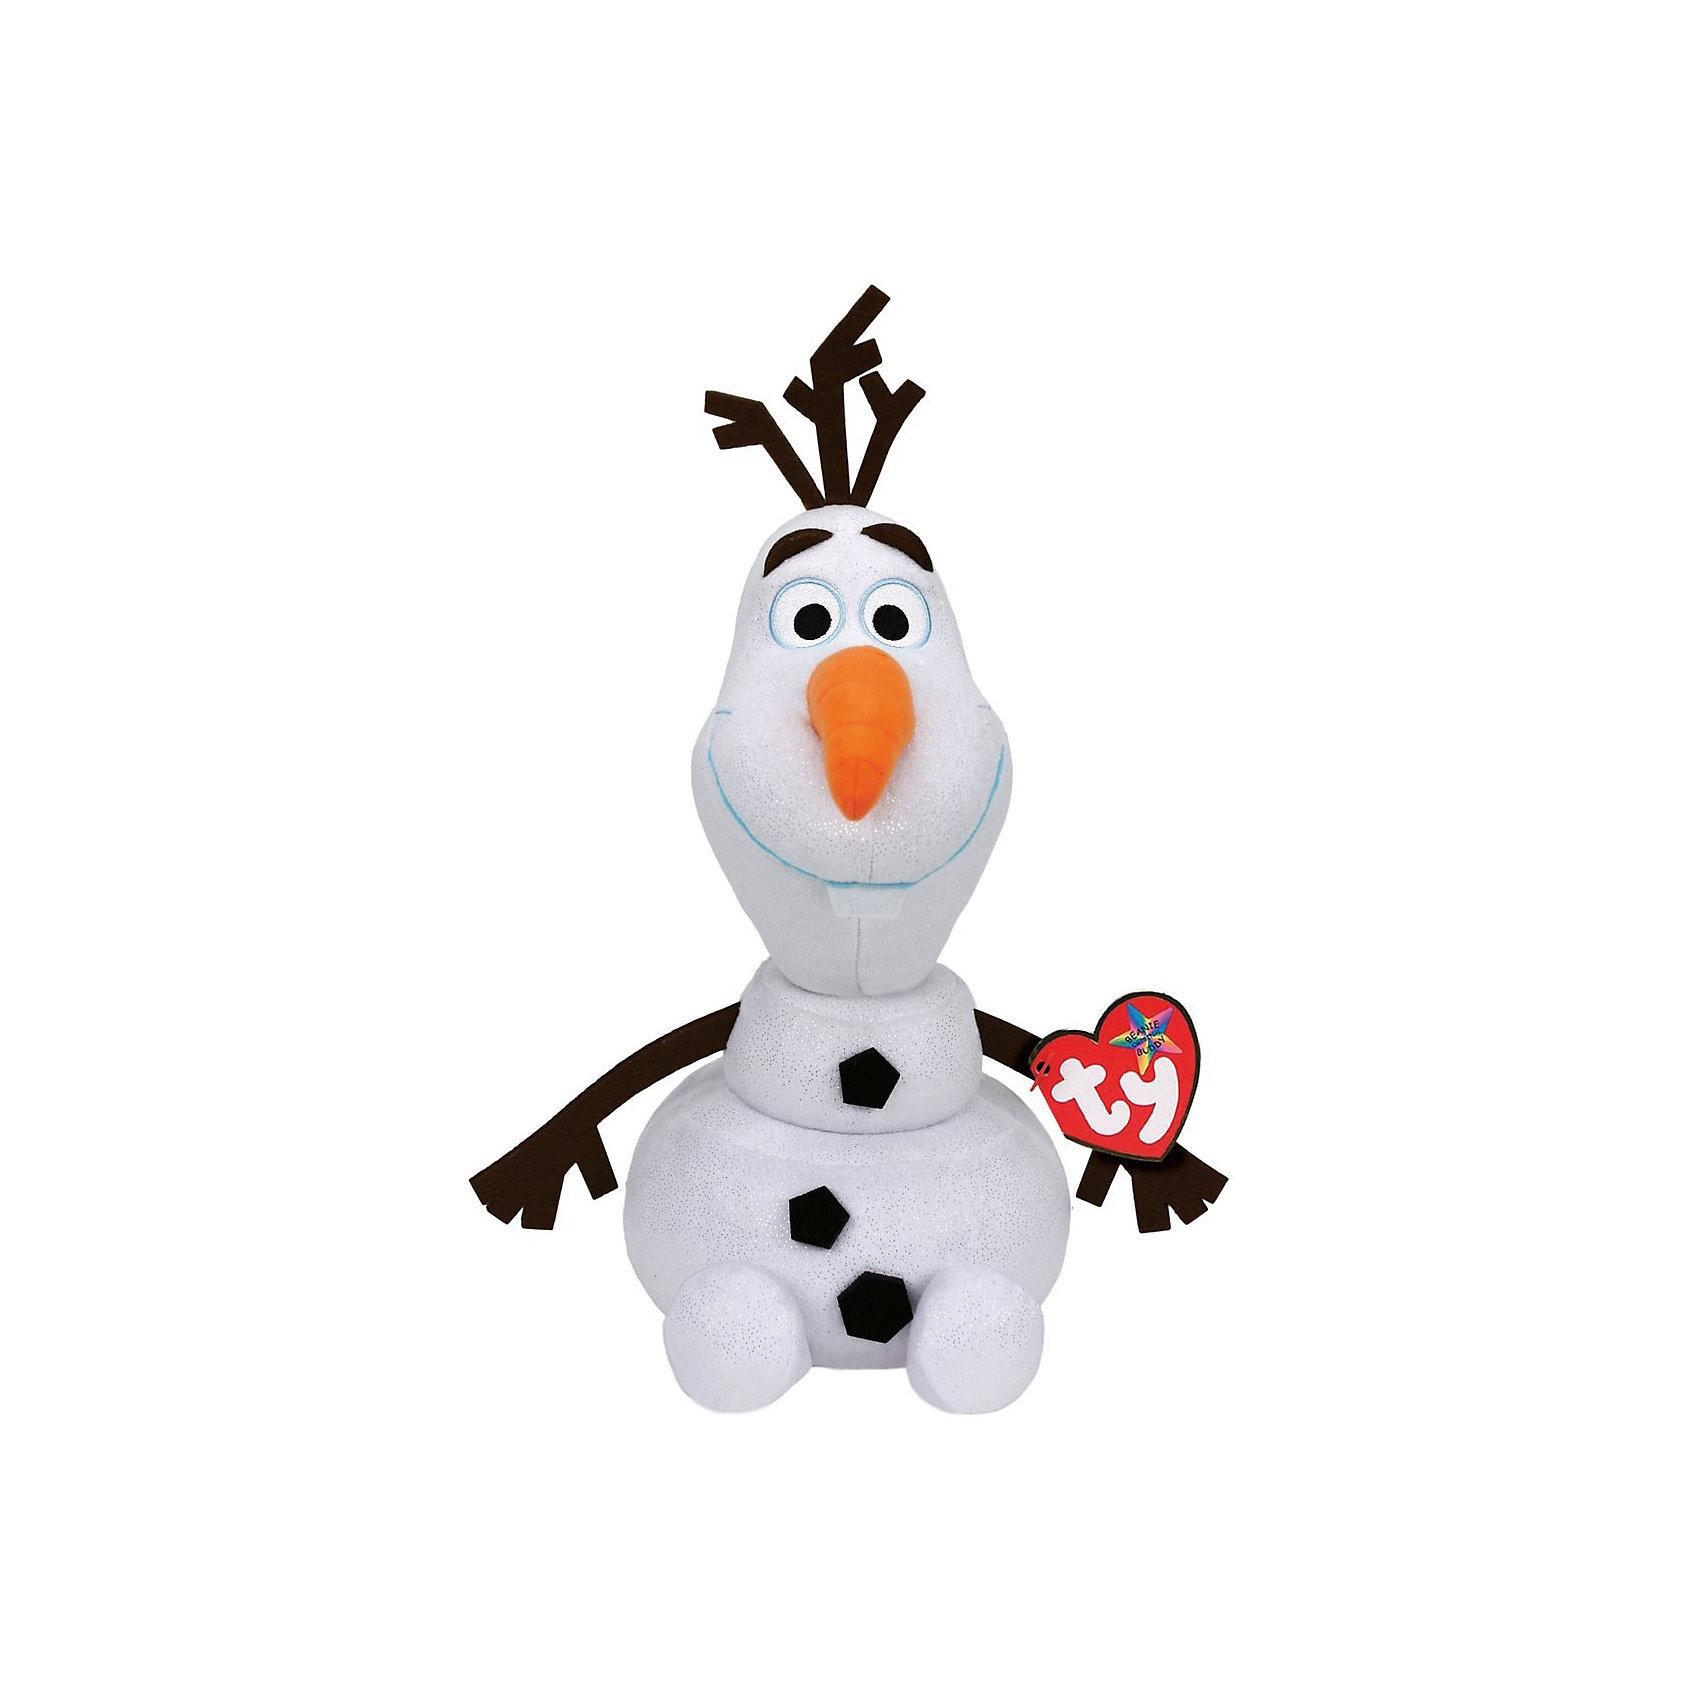 Мягкая игрушка Cнеговик Олаф, 25 см, звук, Холодное сердце, Disney Beanie Babies, TyХолодное Сердце<br>Disney Beanie Babies. Cнеговик Olaf 25 см, звуковые эффекты<br><br>Ширина мм: 230<br>Глубина мм: 177<br>Высота мм: 129<br>Вес г: 189<br>Возраст от месяцев: 12<br>Возраст до месяцев: 72<br>Пол: Унисекс<br>Возраст: Детский<br>SKU: 3770792